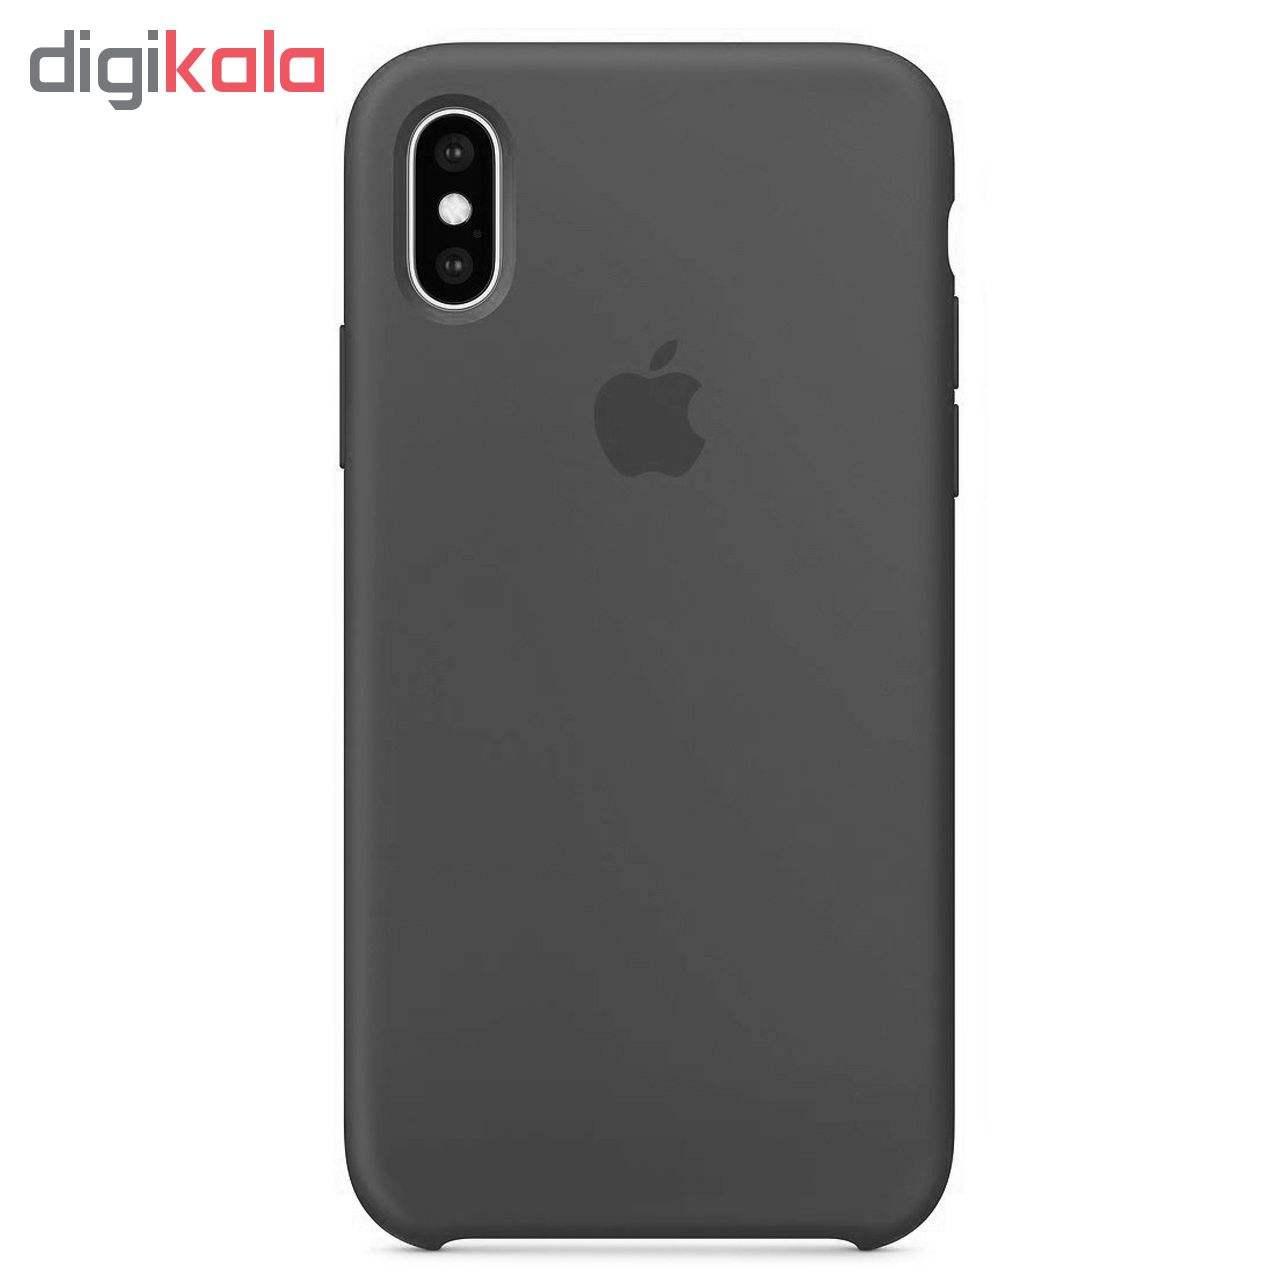 کاور مدل sili004 مناسب برای گوشی موبایل اپل Iphone XS Max main 1 11